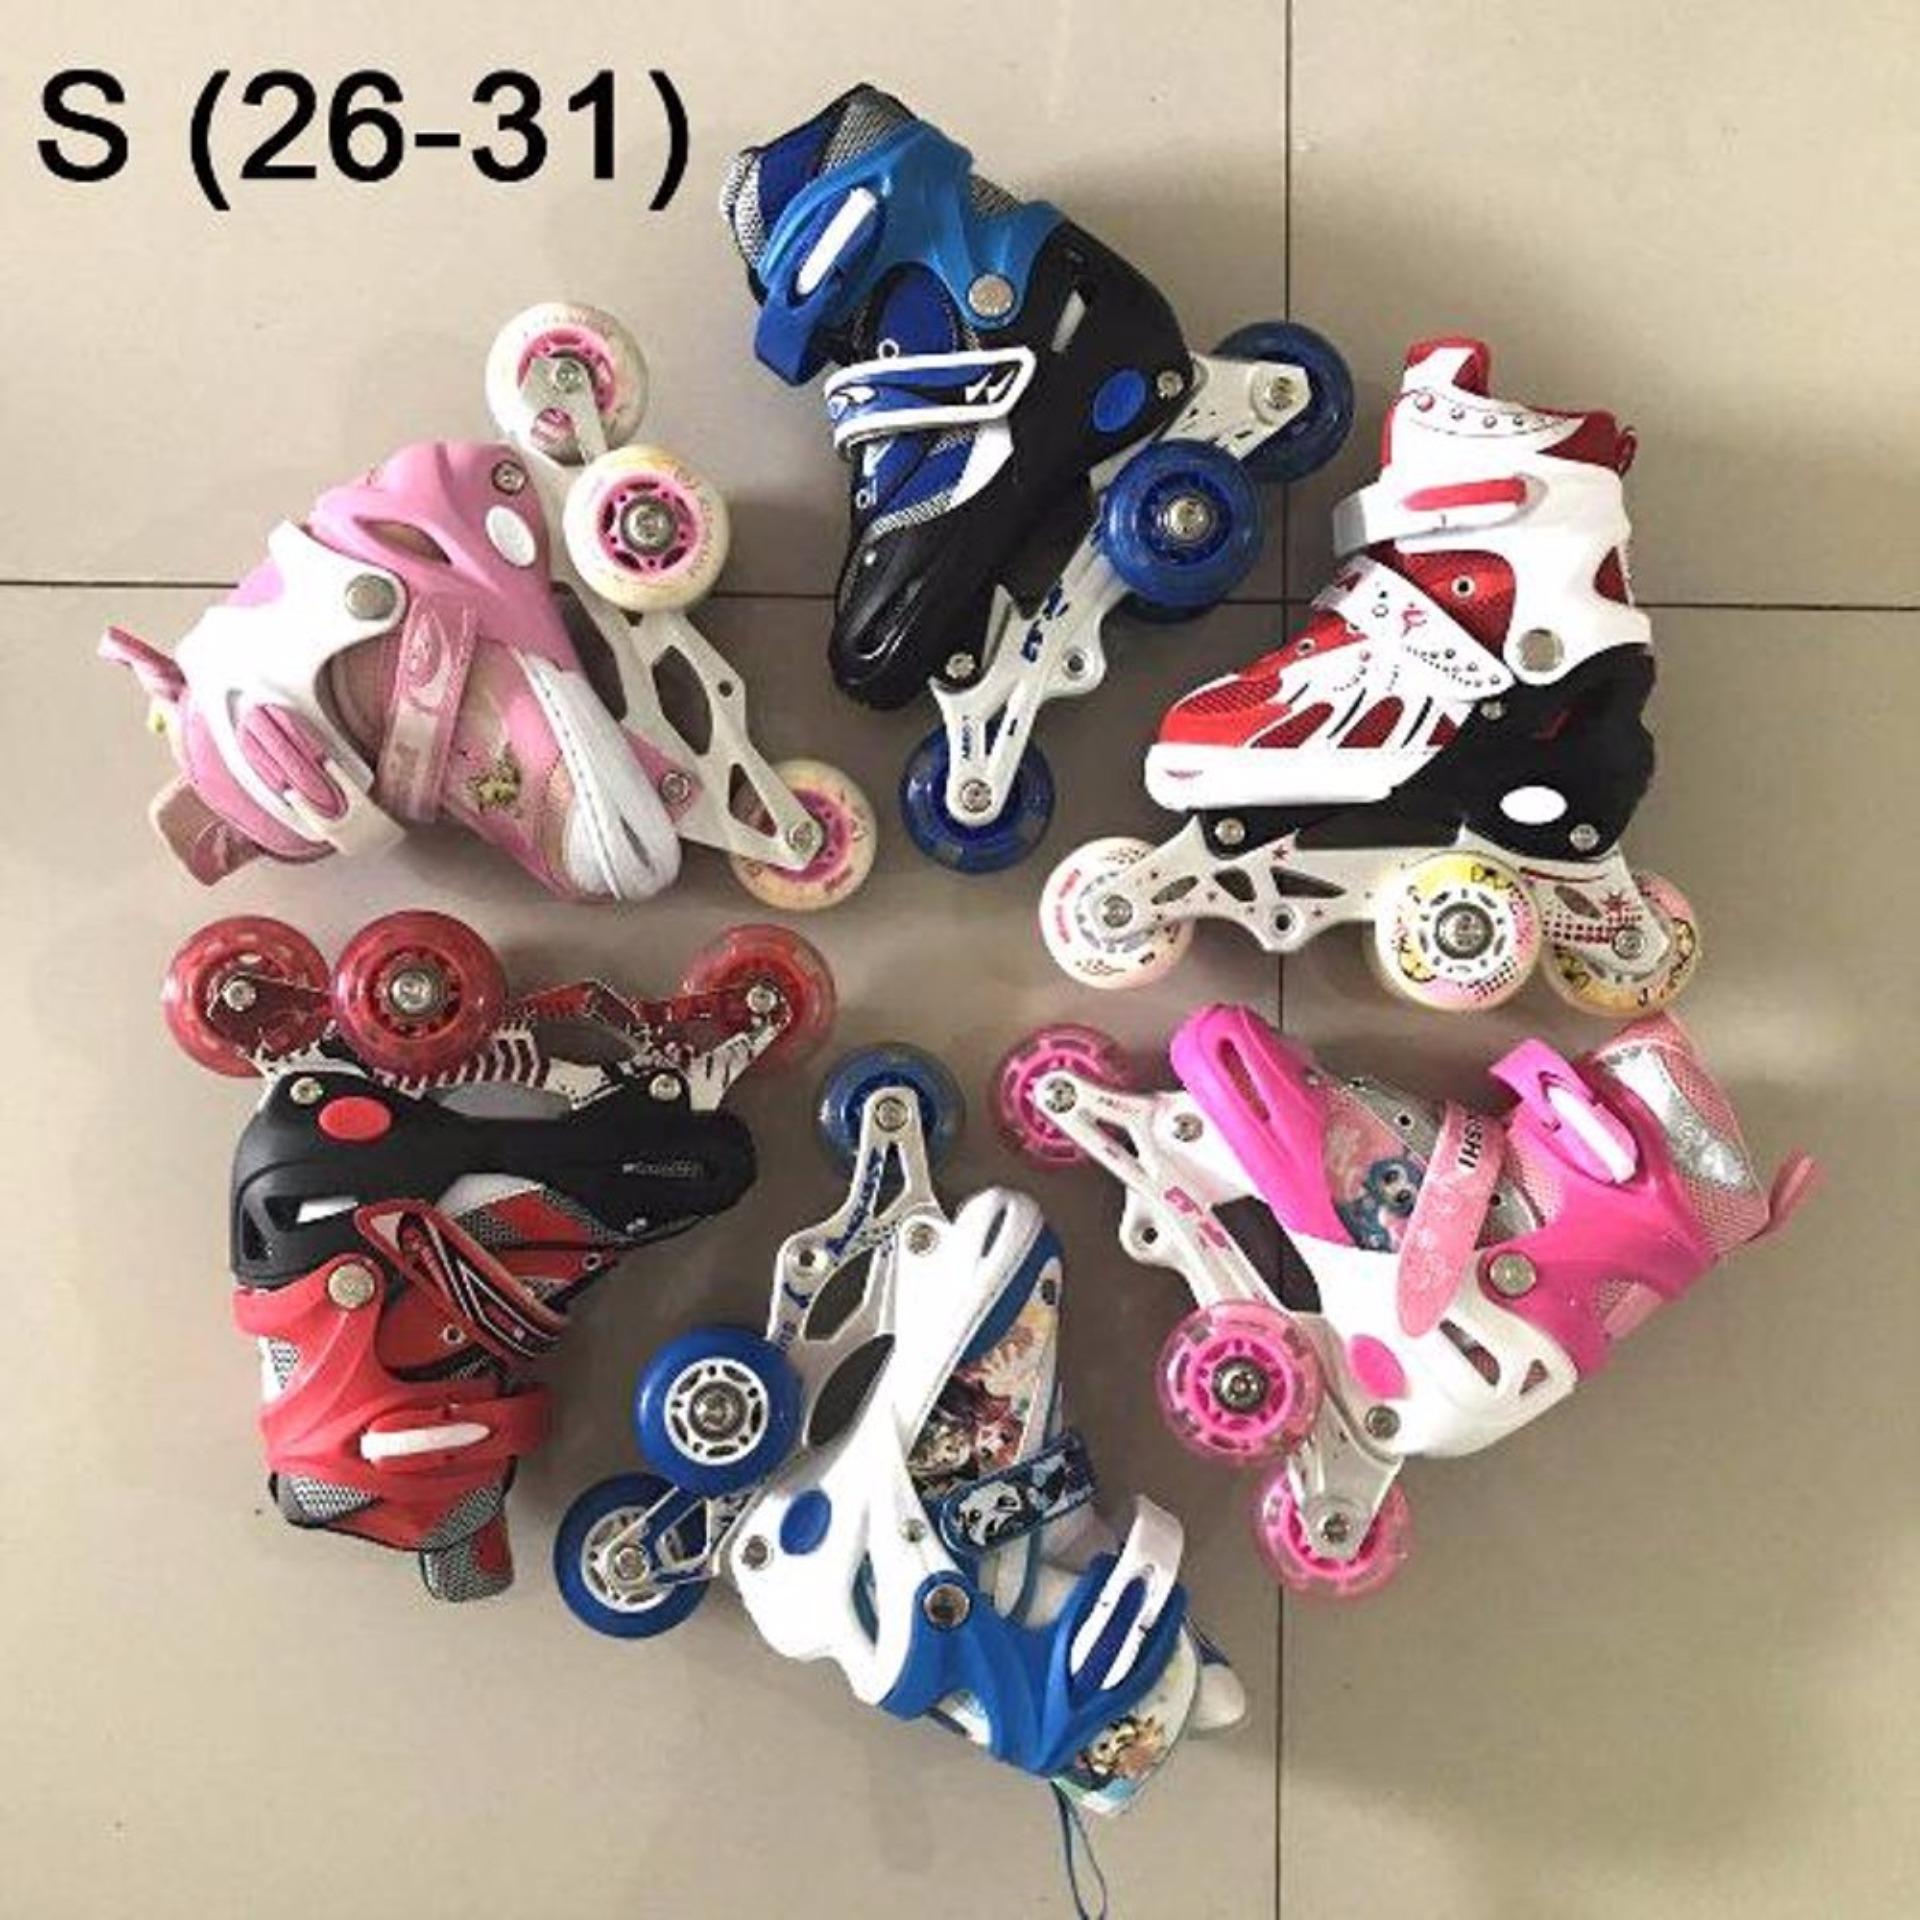 Cek Harga Baru Sepatu Roda Ban Karet Inline Skate Pu Wheels Anak Dan ... 66b1517b01